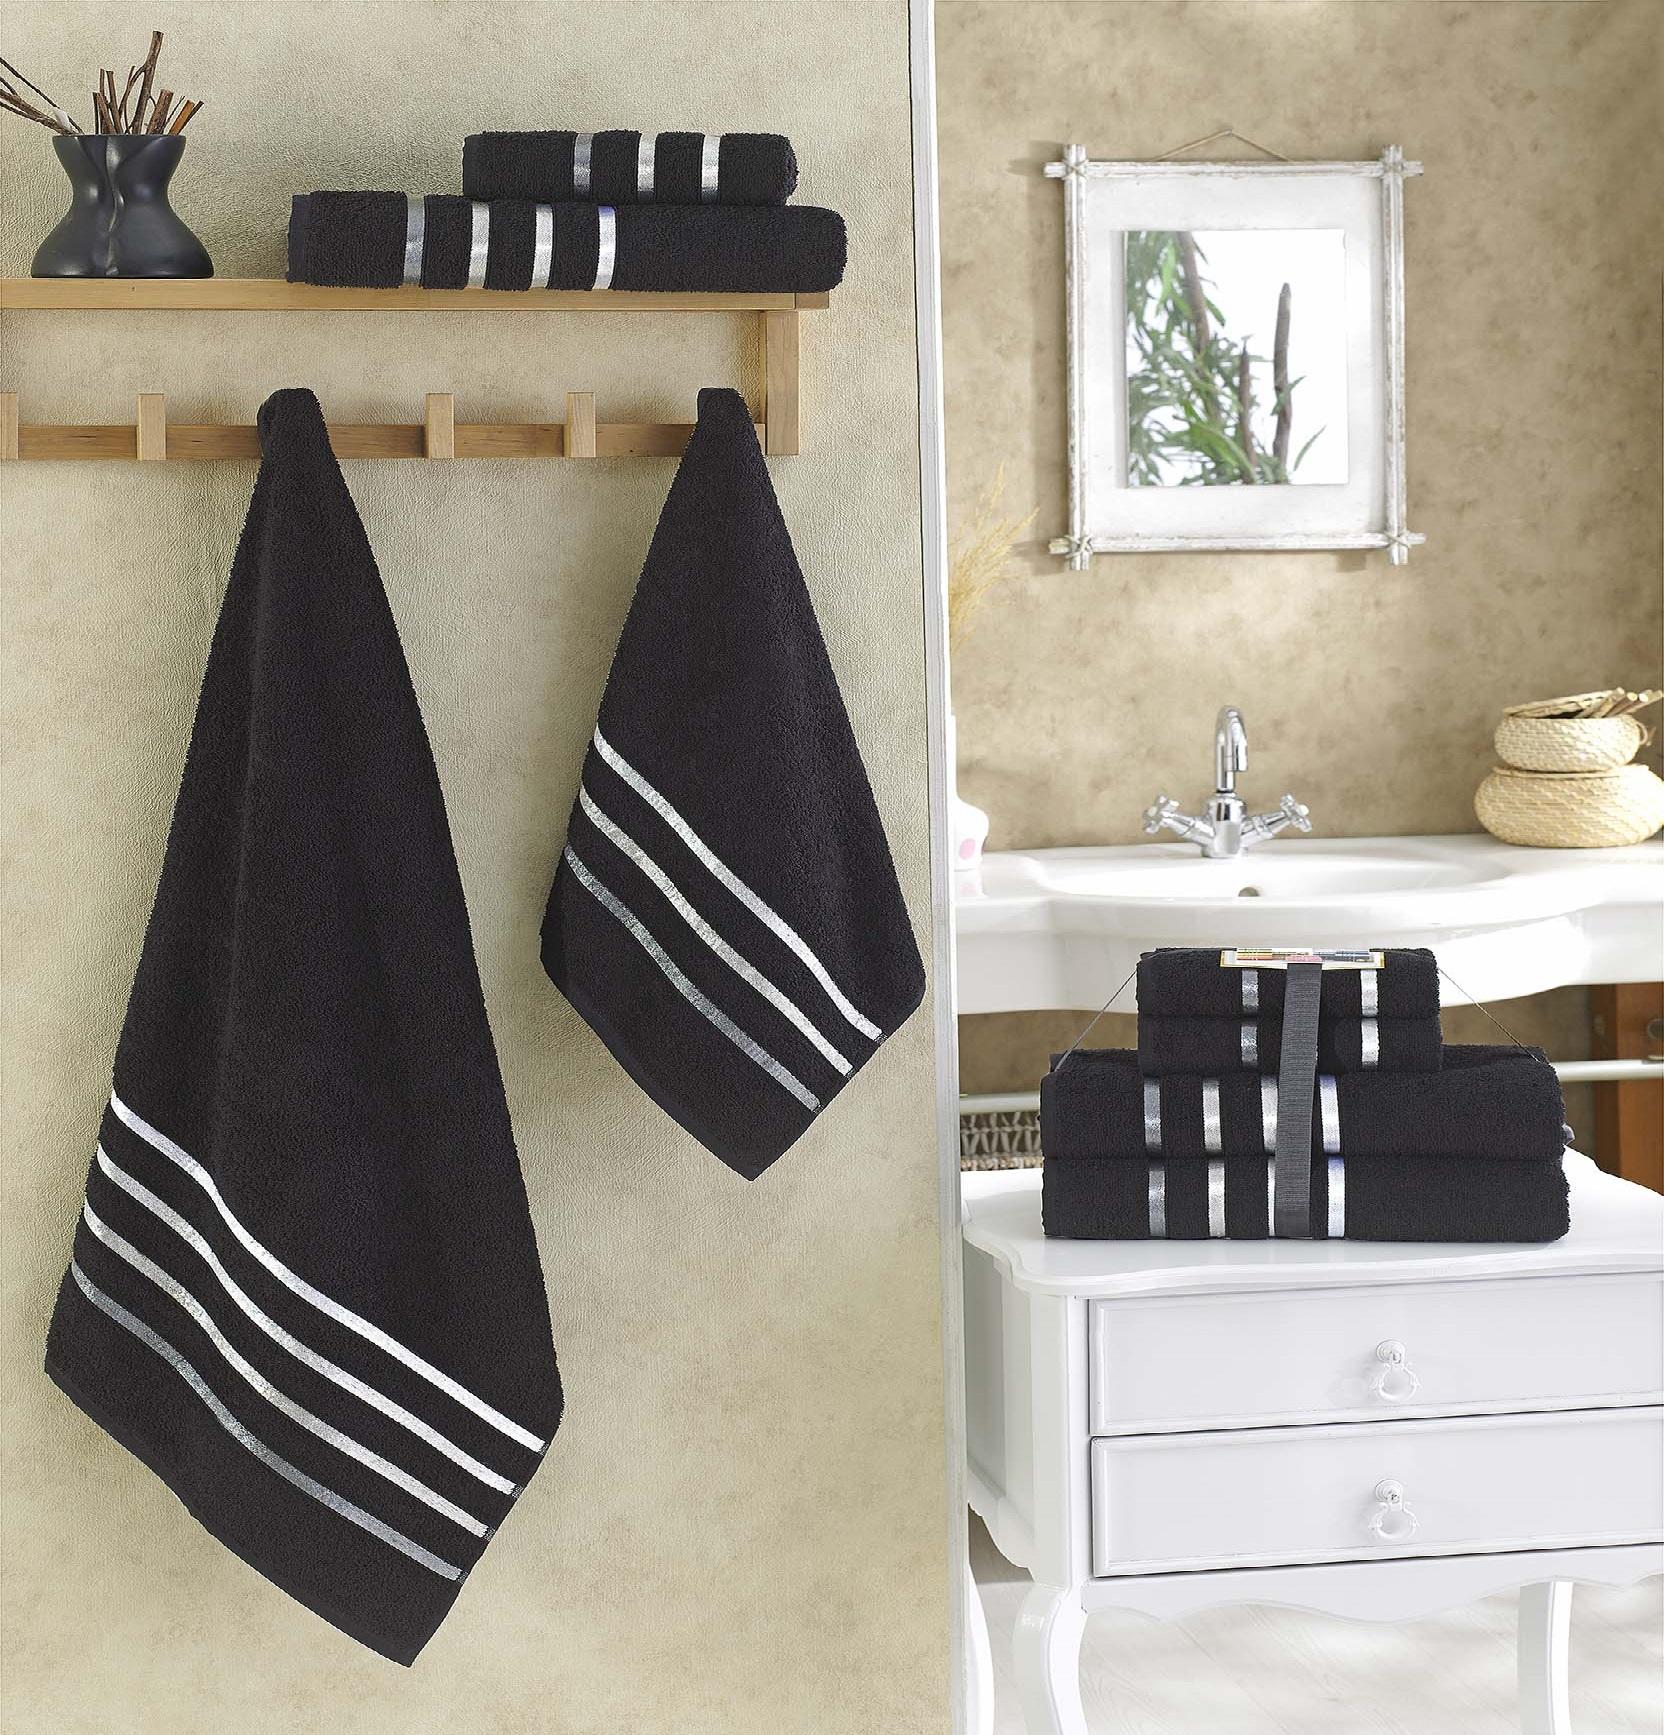 Купить Полотенца Karna, Полотенце Bale Цвет: Черный (Набор), Турция, Махра